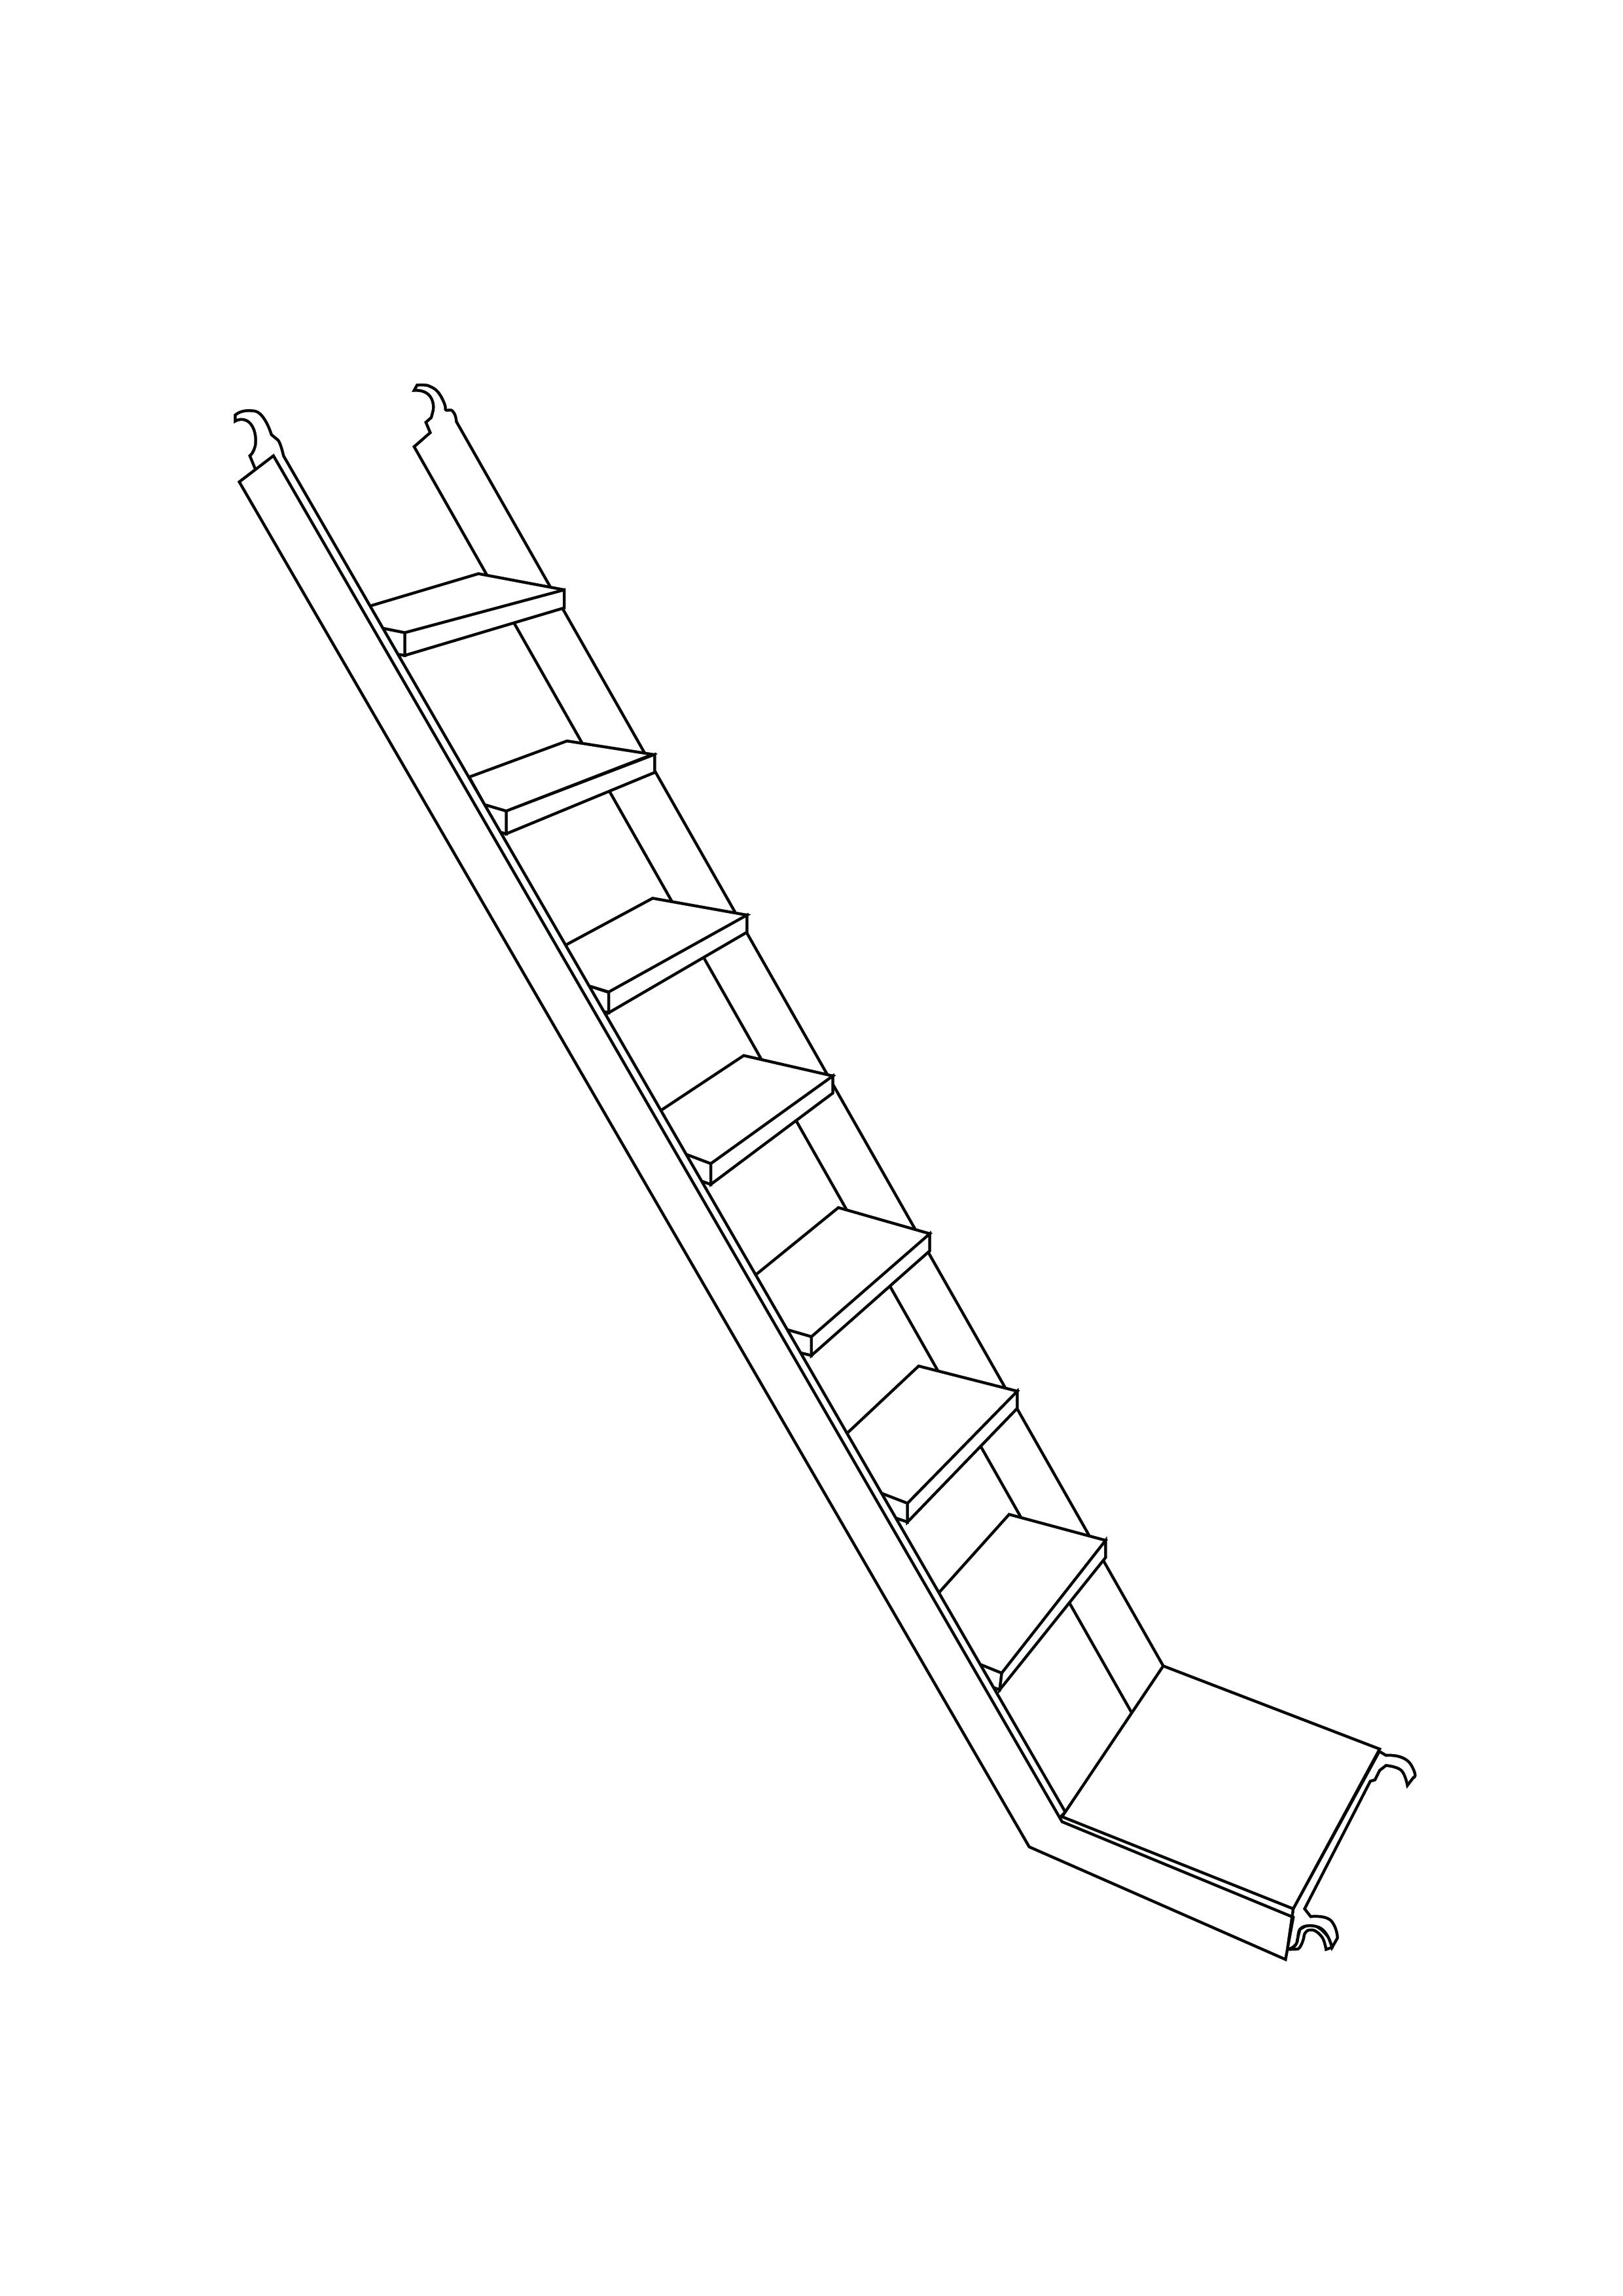 Stairway-Diagram.jpg